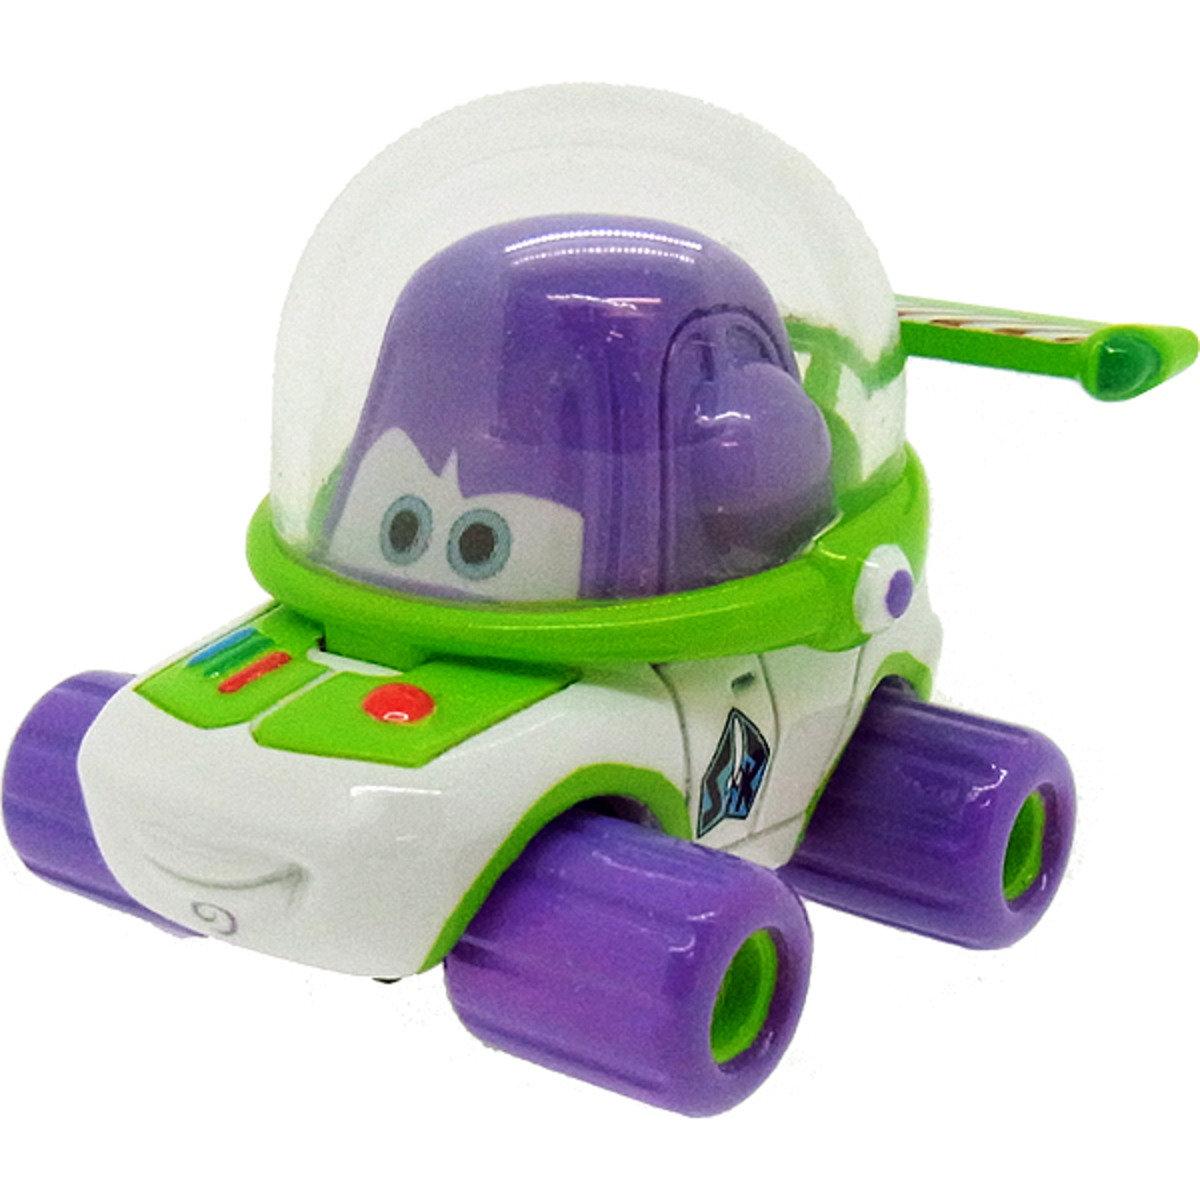 Disney Pixar Cars C-32 Buzz Lightyear